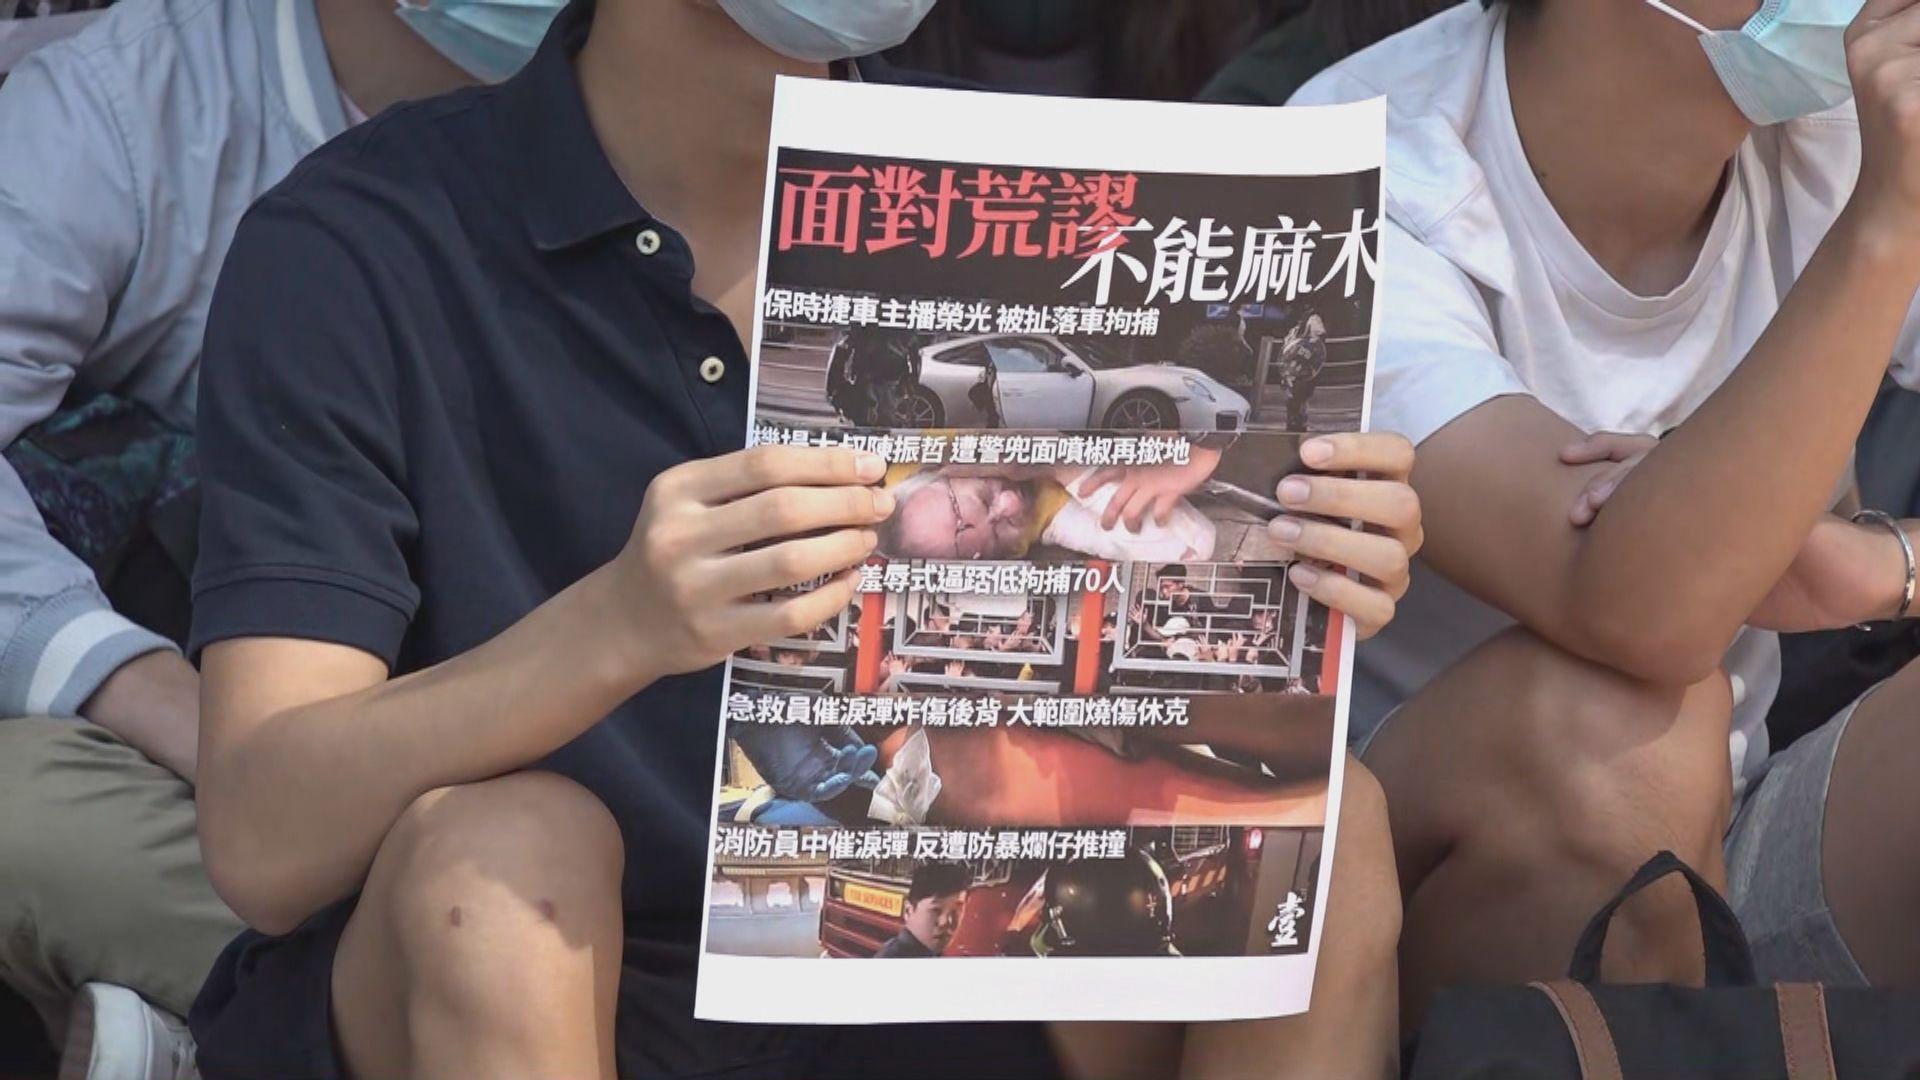 胡懷中:受傷學生背部及兩隻手指嚴重燒傷